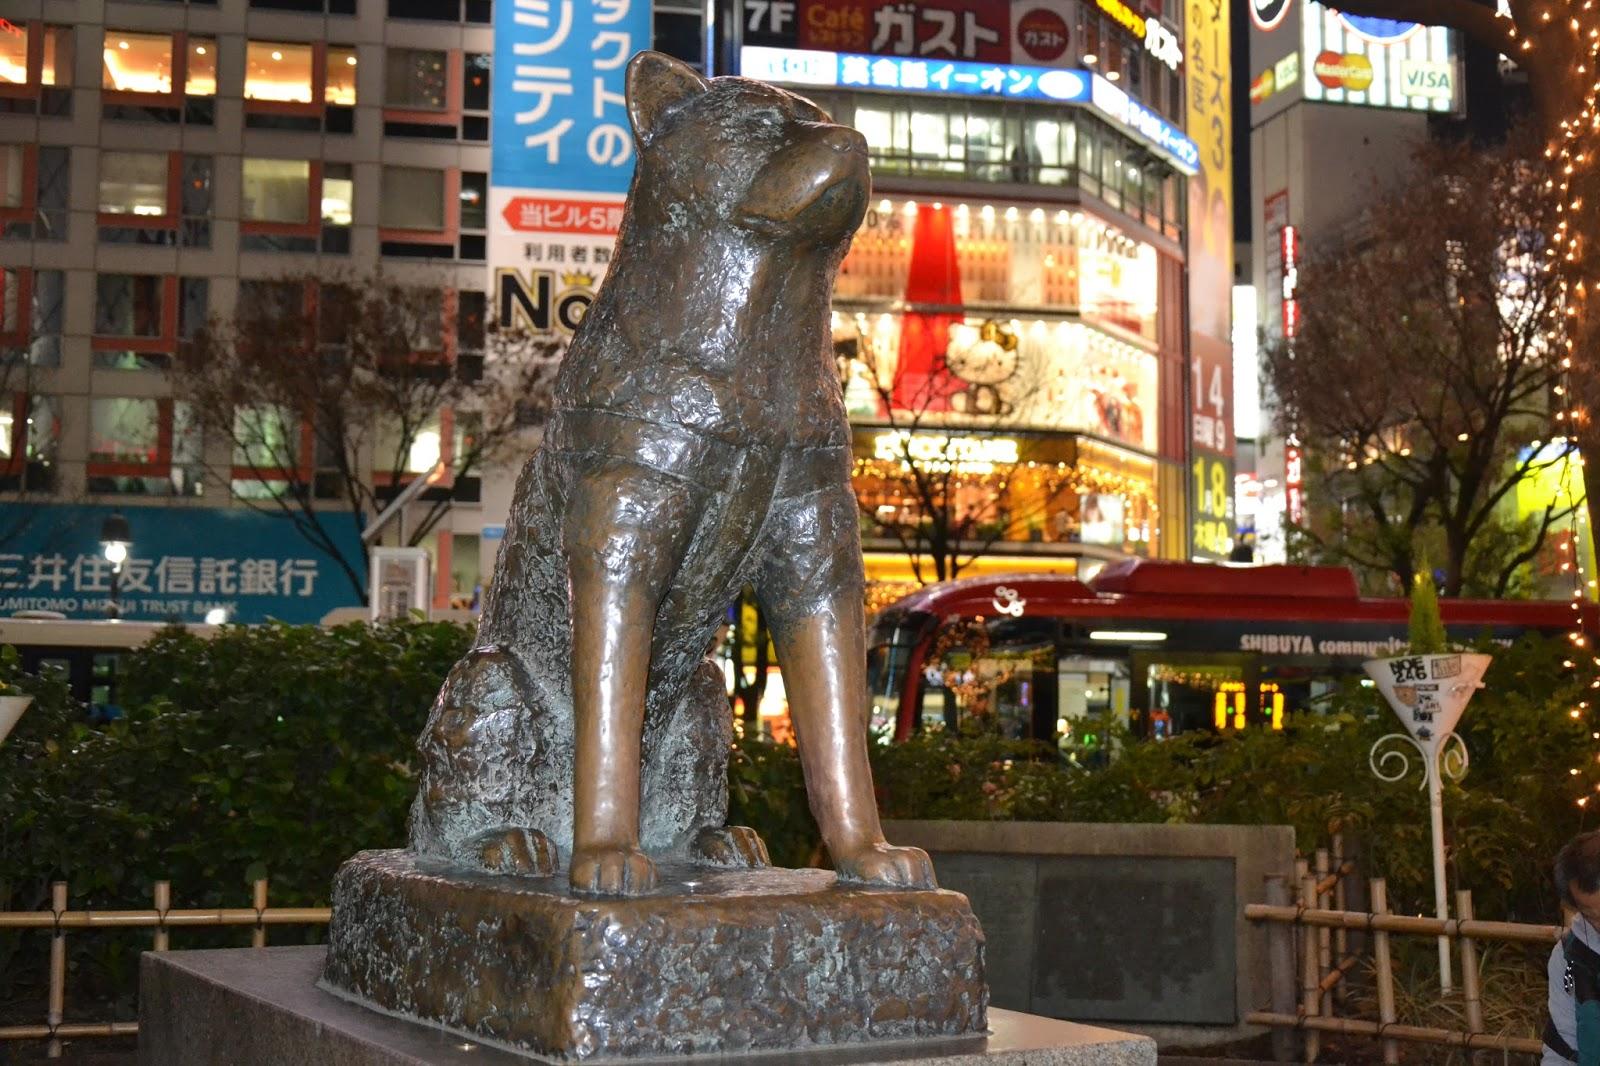 Hachiko Statue - Tokyo